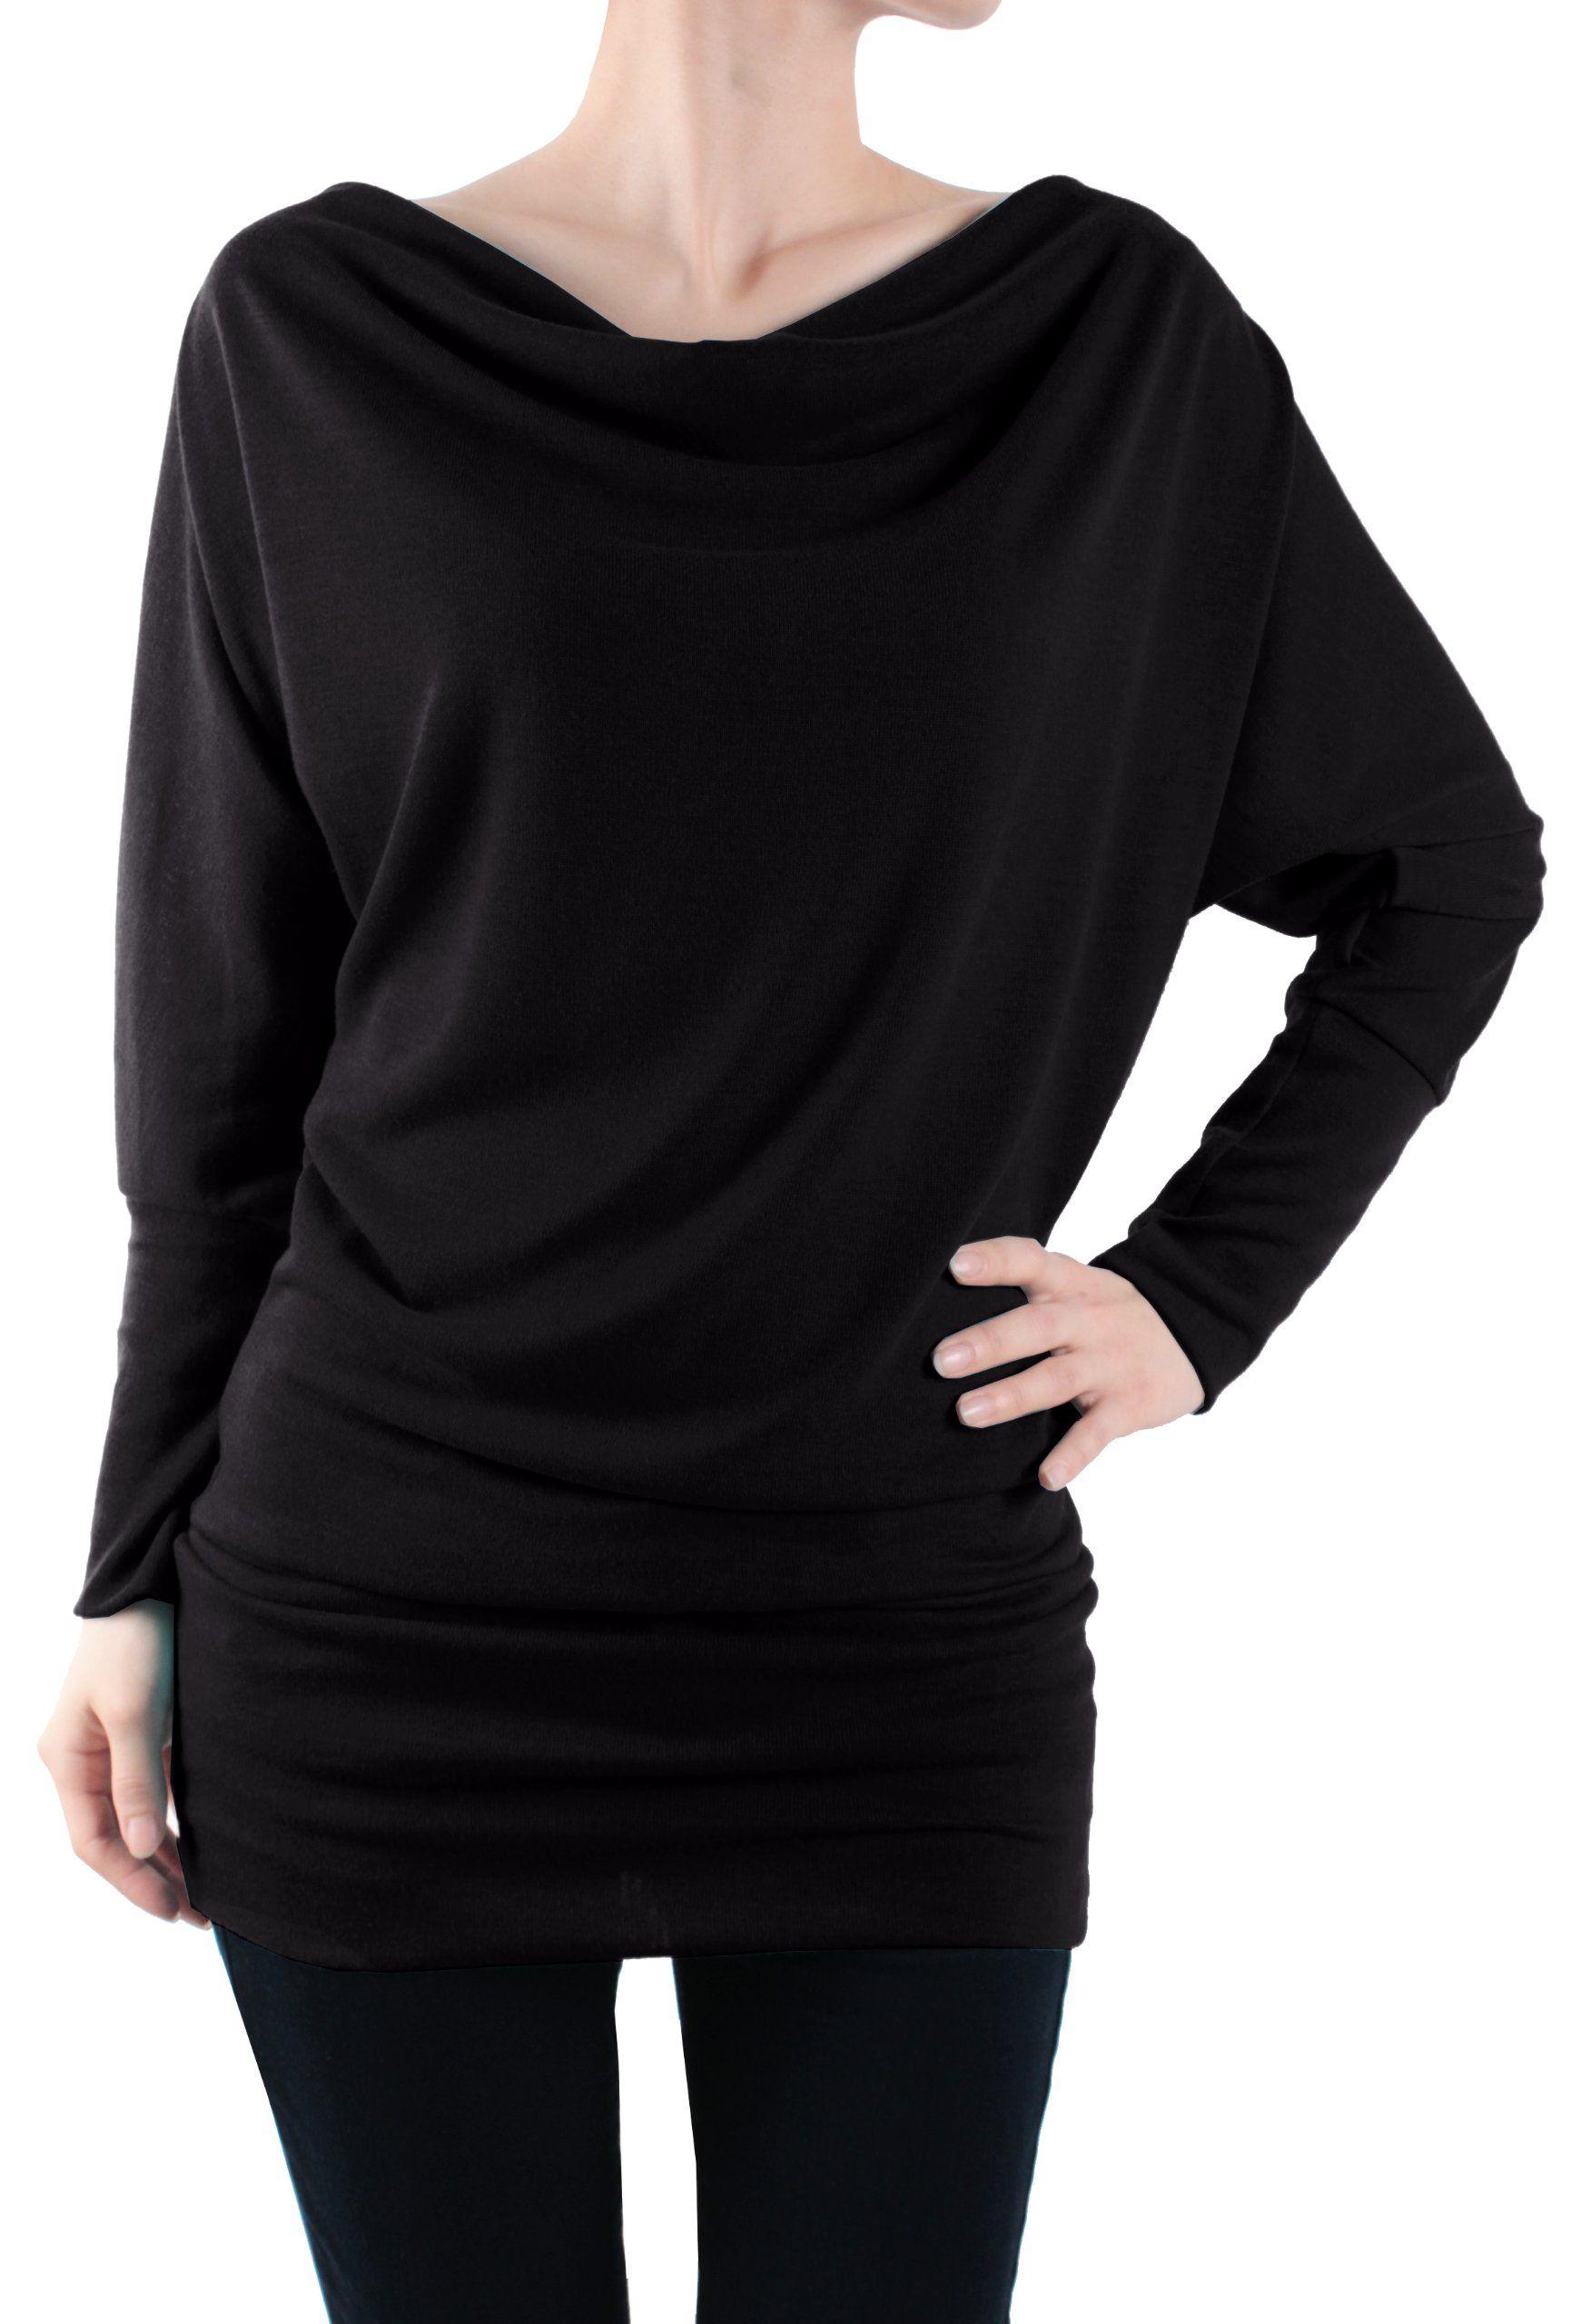 f75b548550f6 LeggingsQueen Women's Long Sleeve Basic Tunic Top at Amazon Women's  Clothing store: Fashion T Shirts